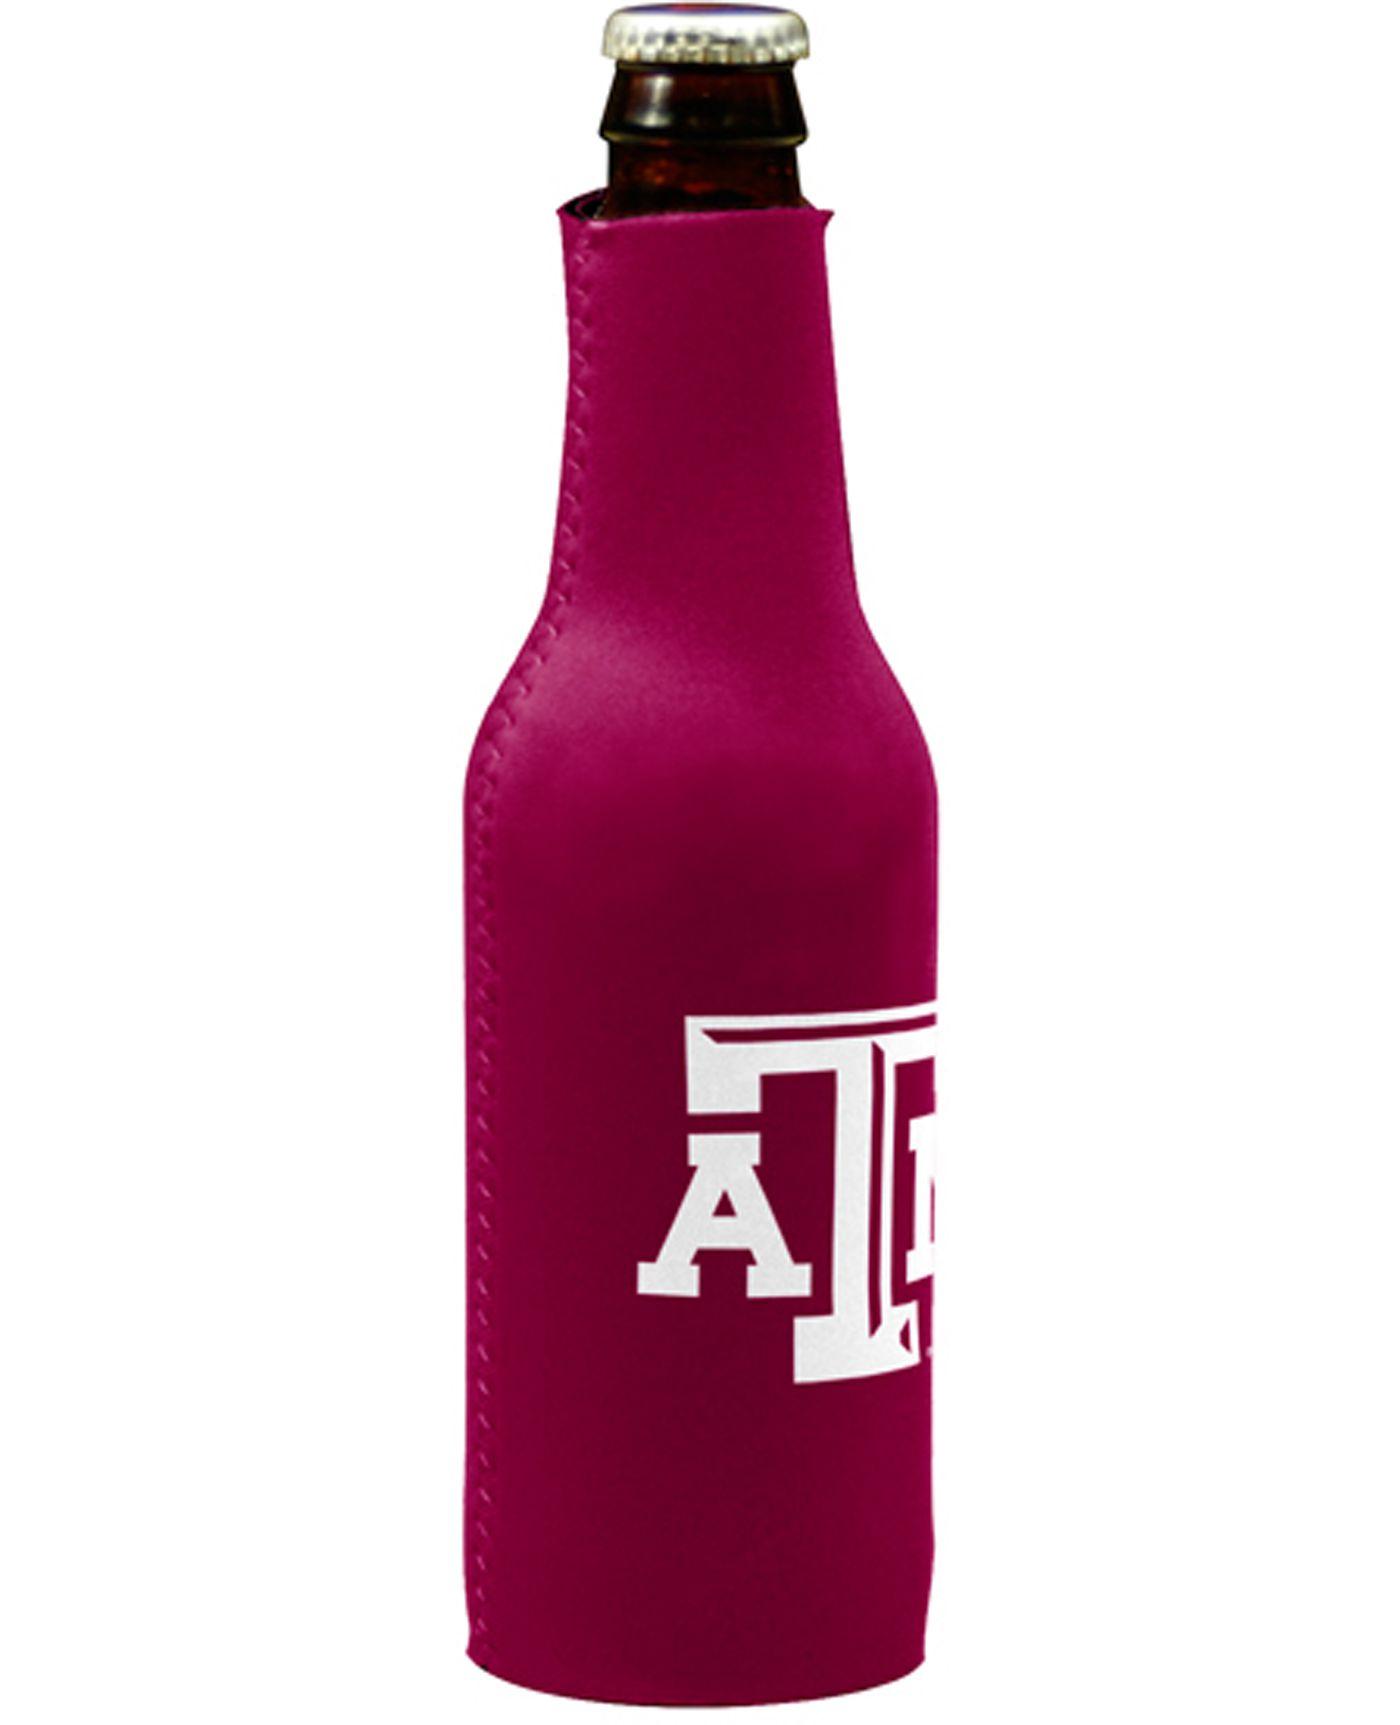 Texas A&M Aggies Bottle Koozie